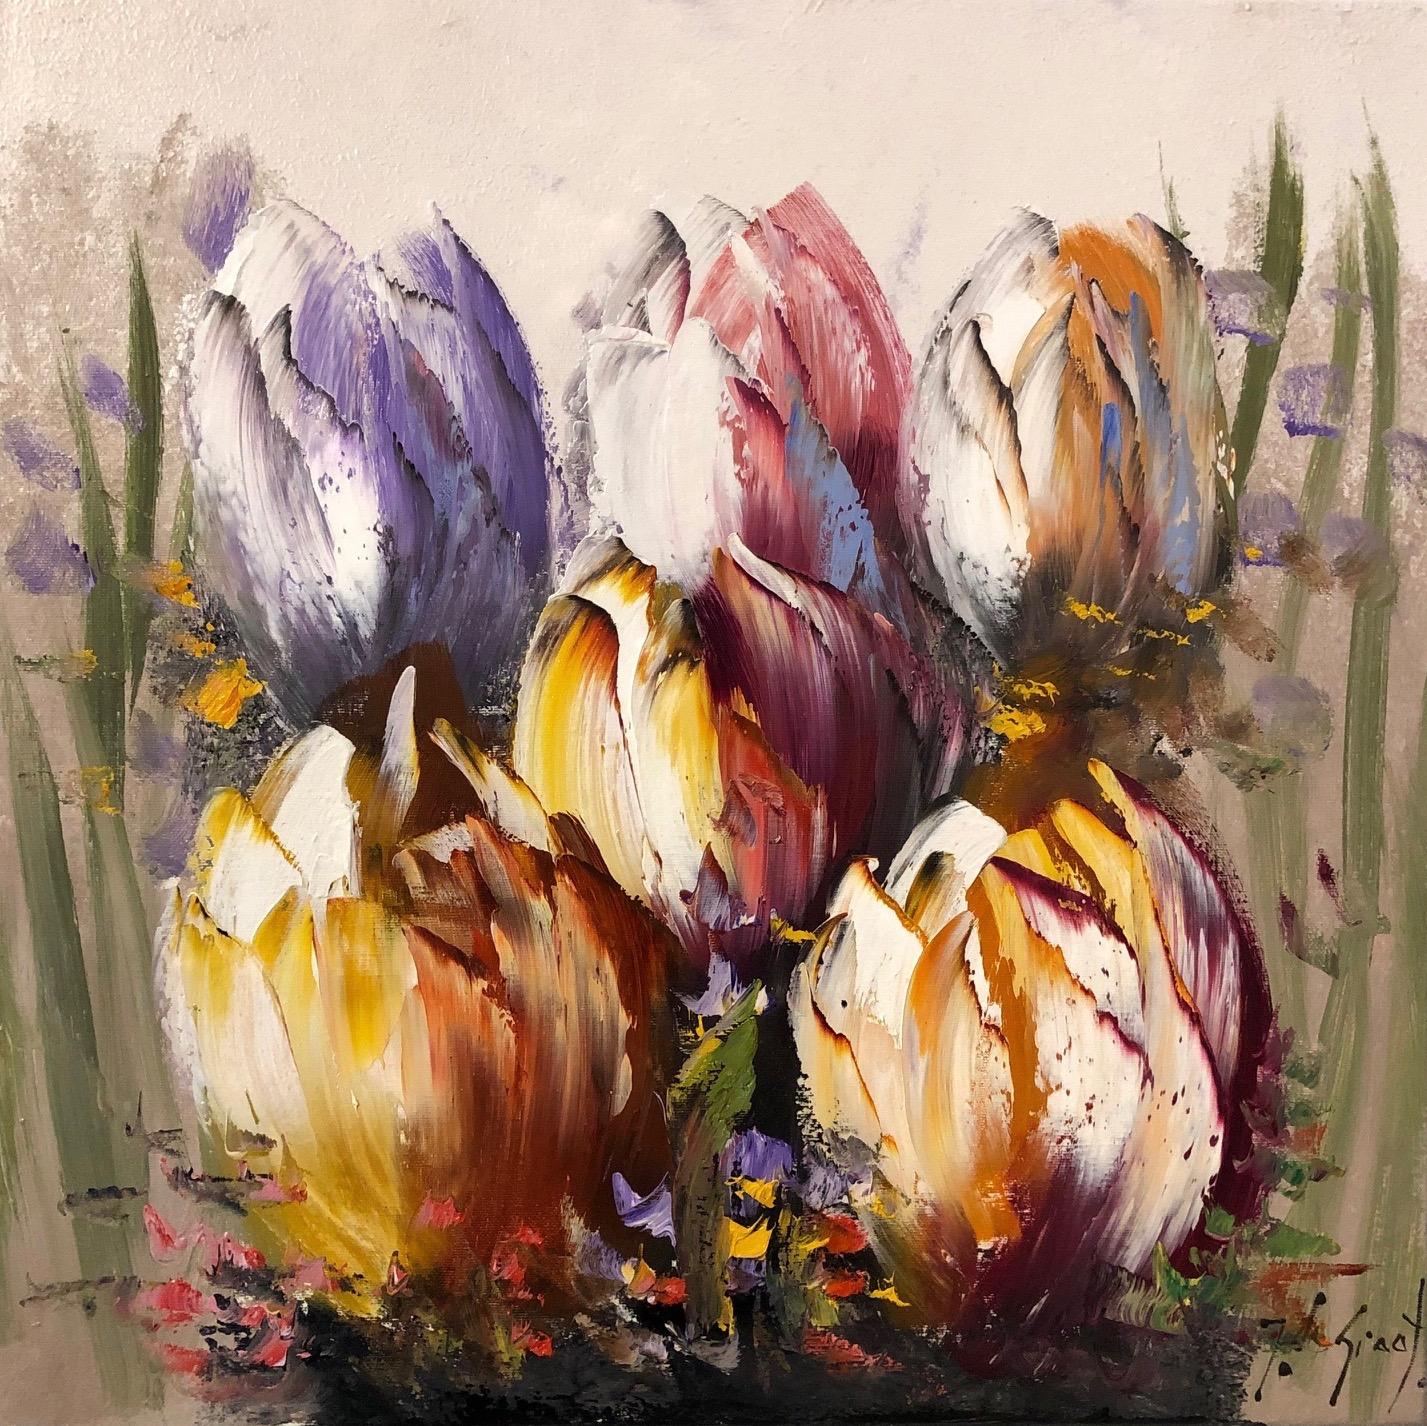 Jochem de Graaf schilderij 'Tulpen II'